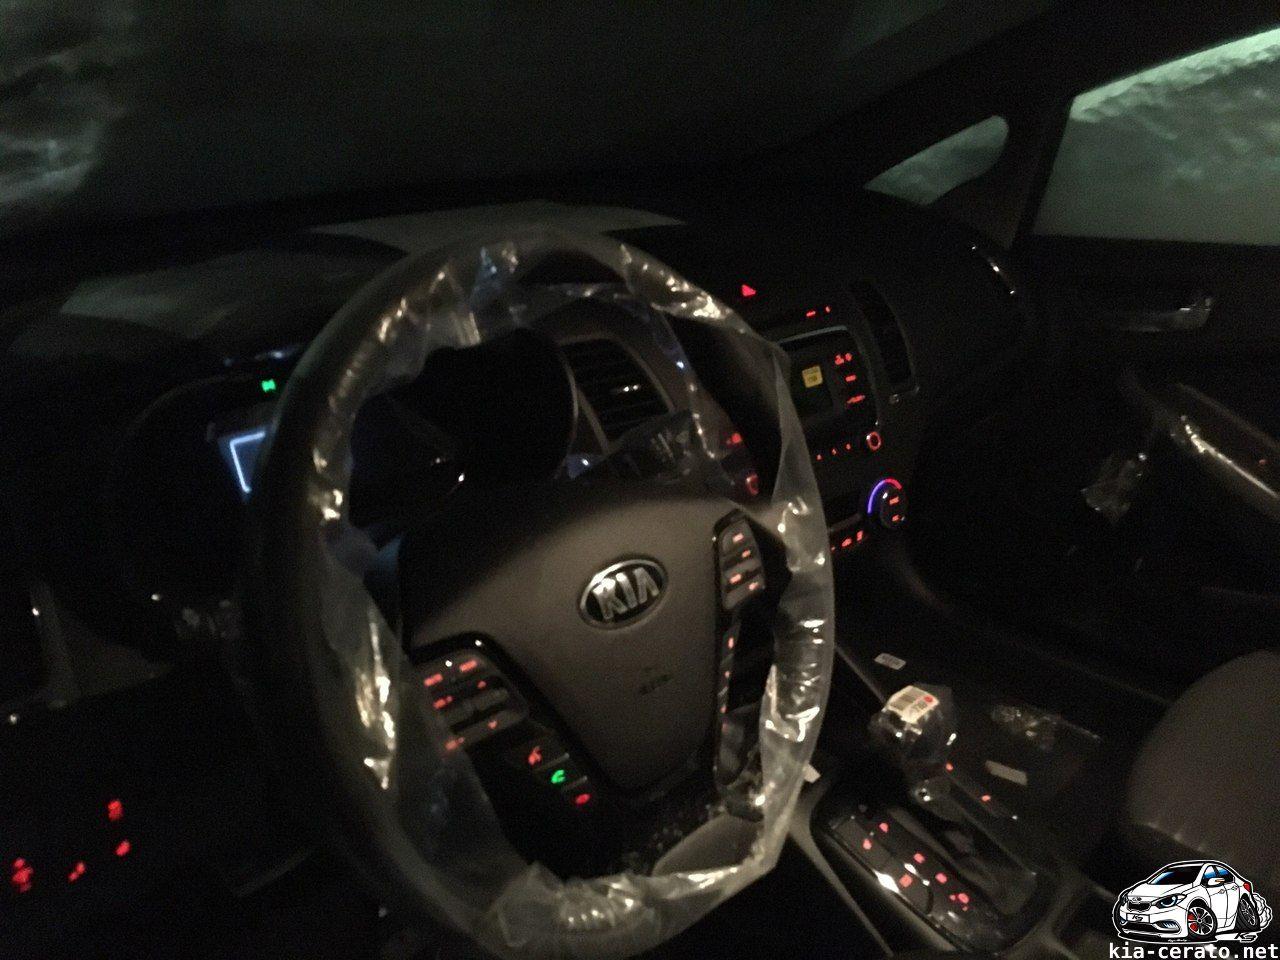 рулевое колесо KIA Cerato 2017 рестайлинг